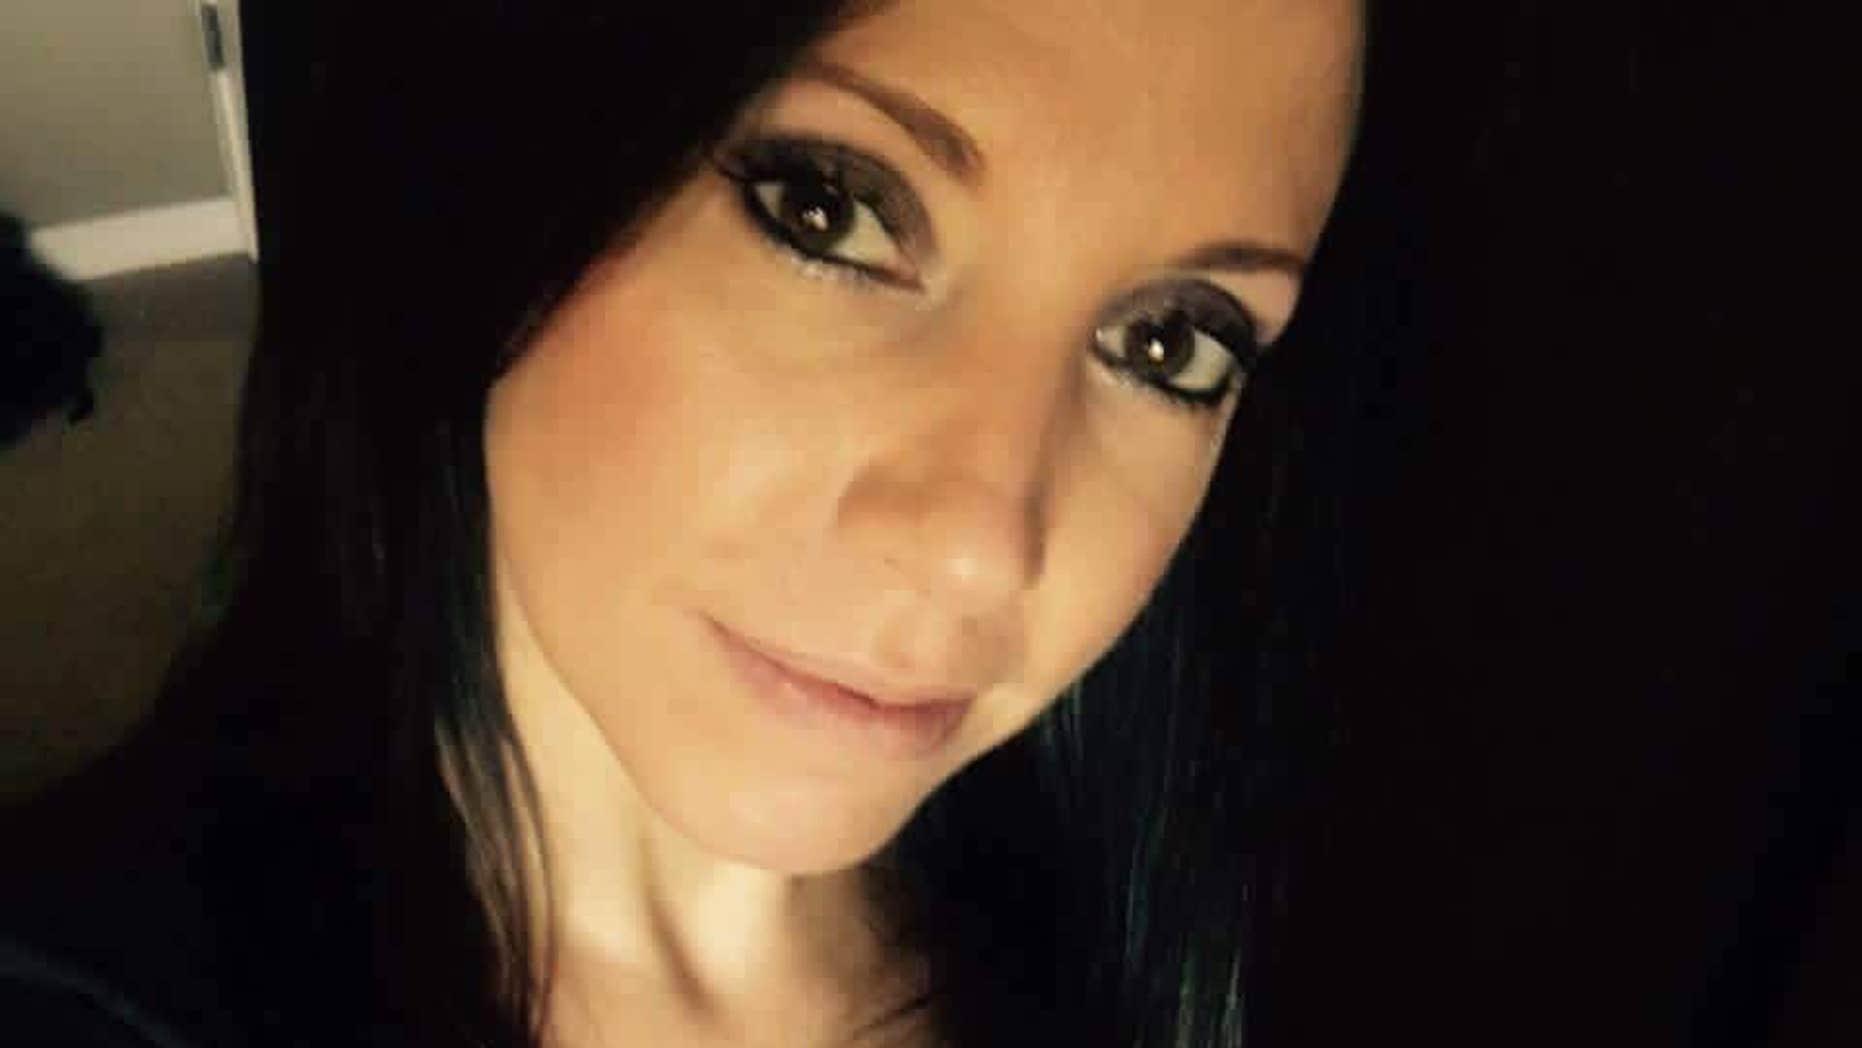 Seattle online dating Homicide dating site voor apothekers